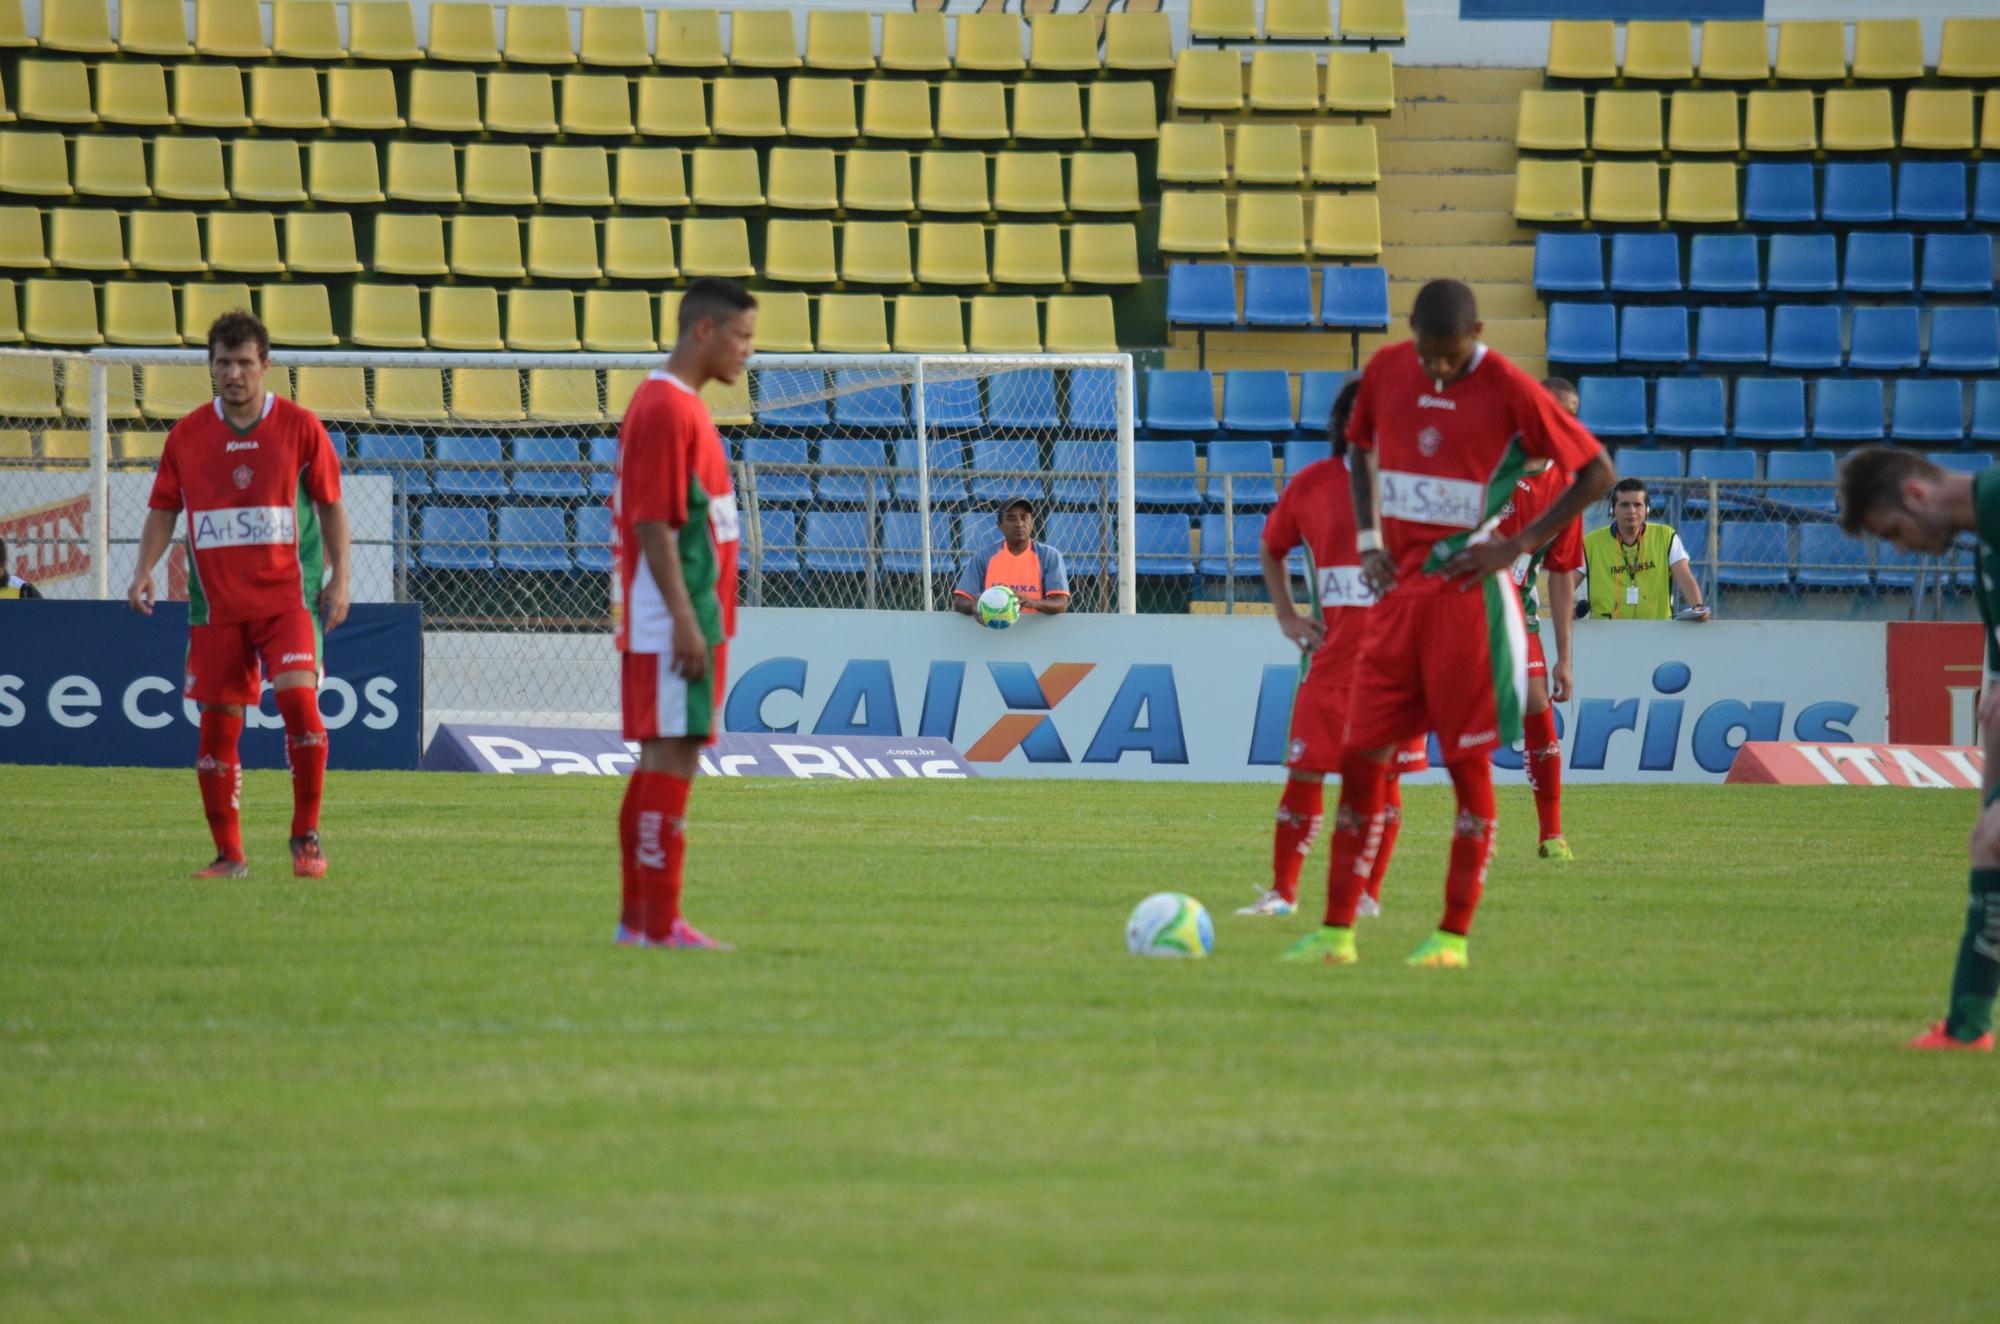 Retrospectiva 2014: futebol sulmineiro bate na trave e adia sonhos - Globo.com